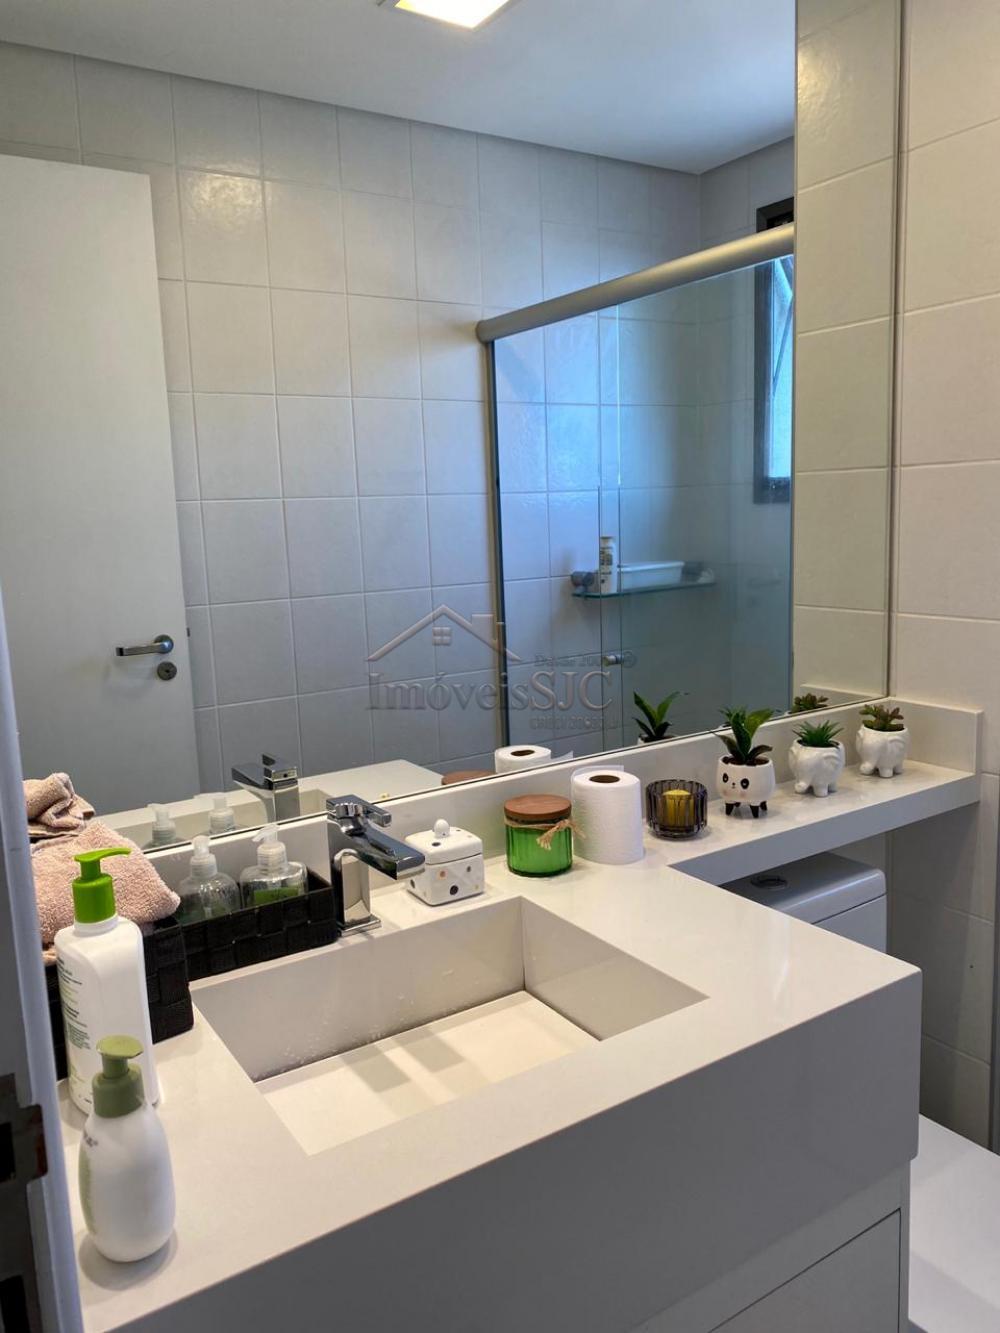 Comprar Apartamentos / Padrão em São José dos Campos apenas R$ 372.000,00 - Foto 28